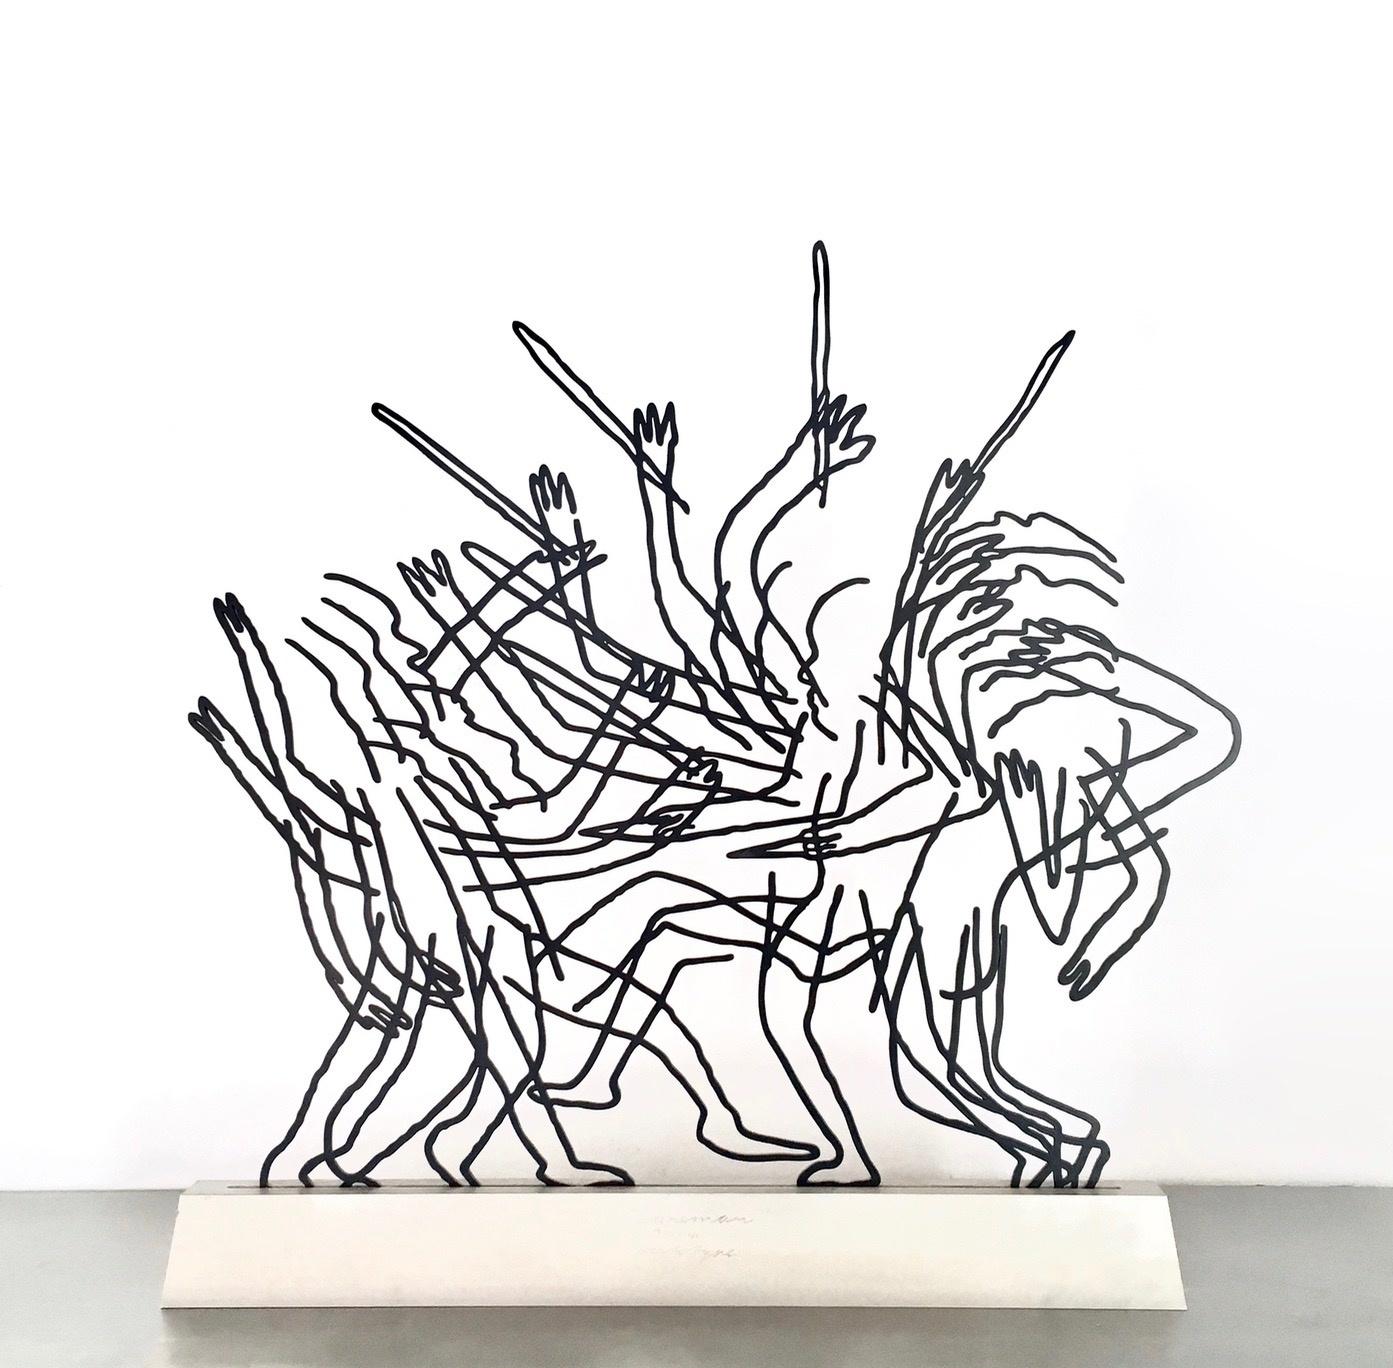 J. HENNEMAN | DE ROOF, 2014